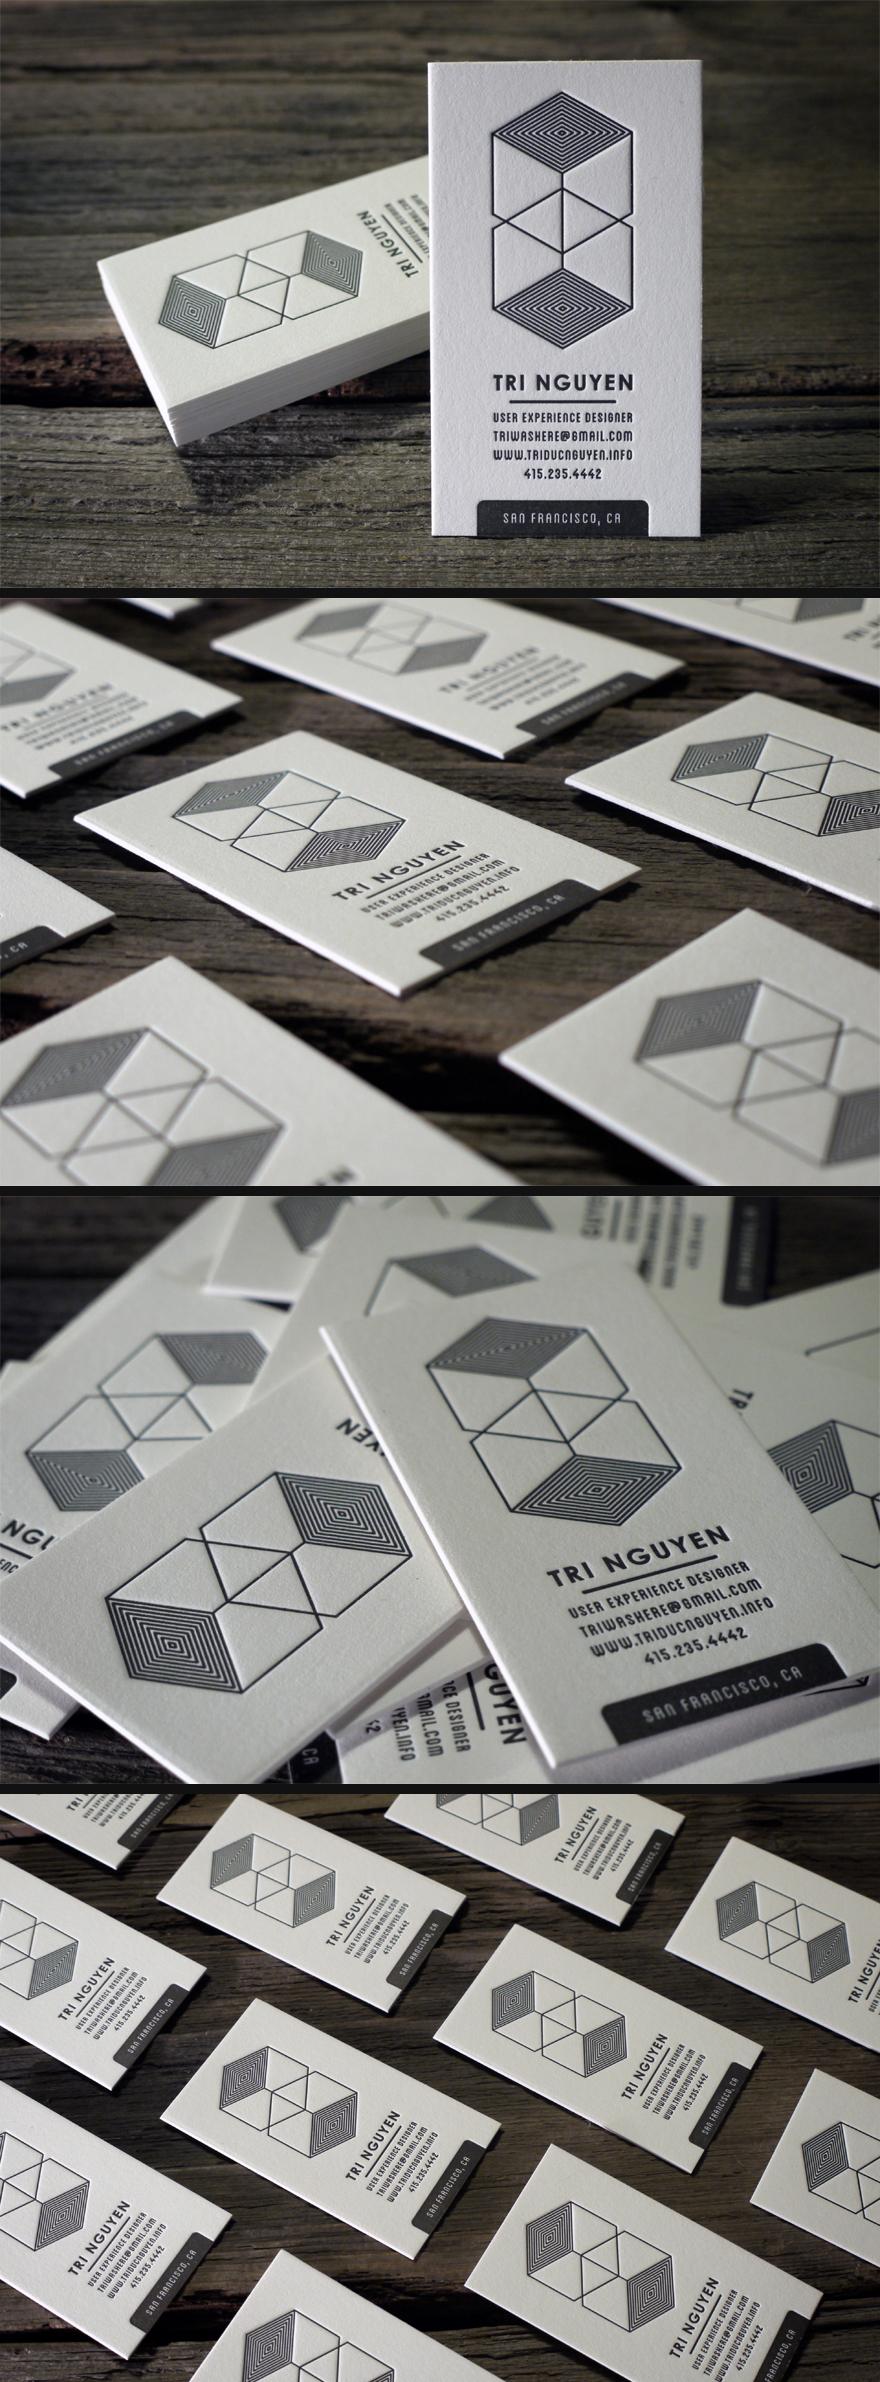 beyaz-kesimli-kartvizit-tasarimi